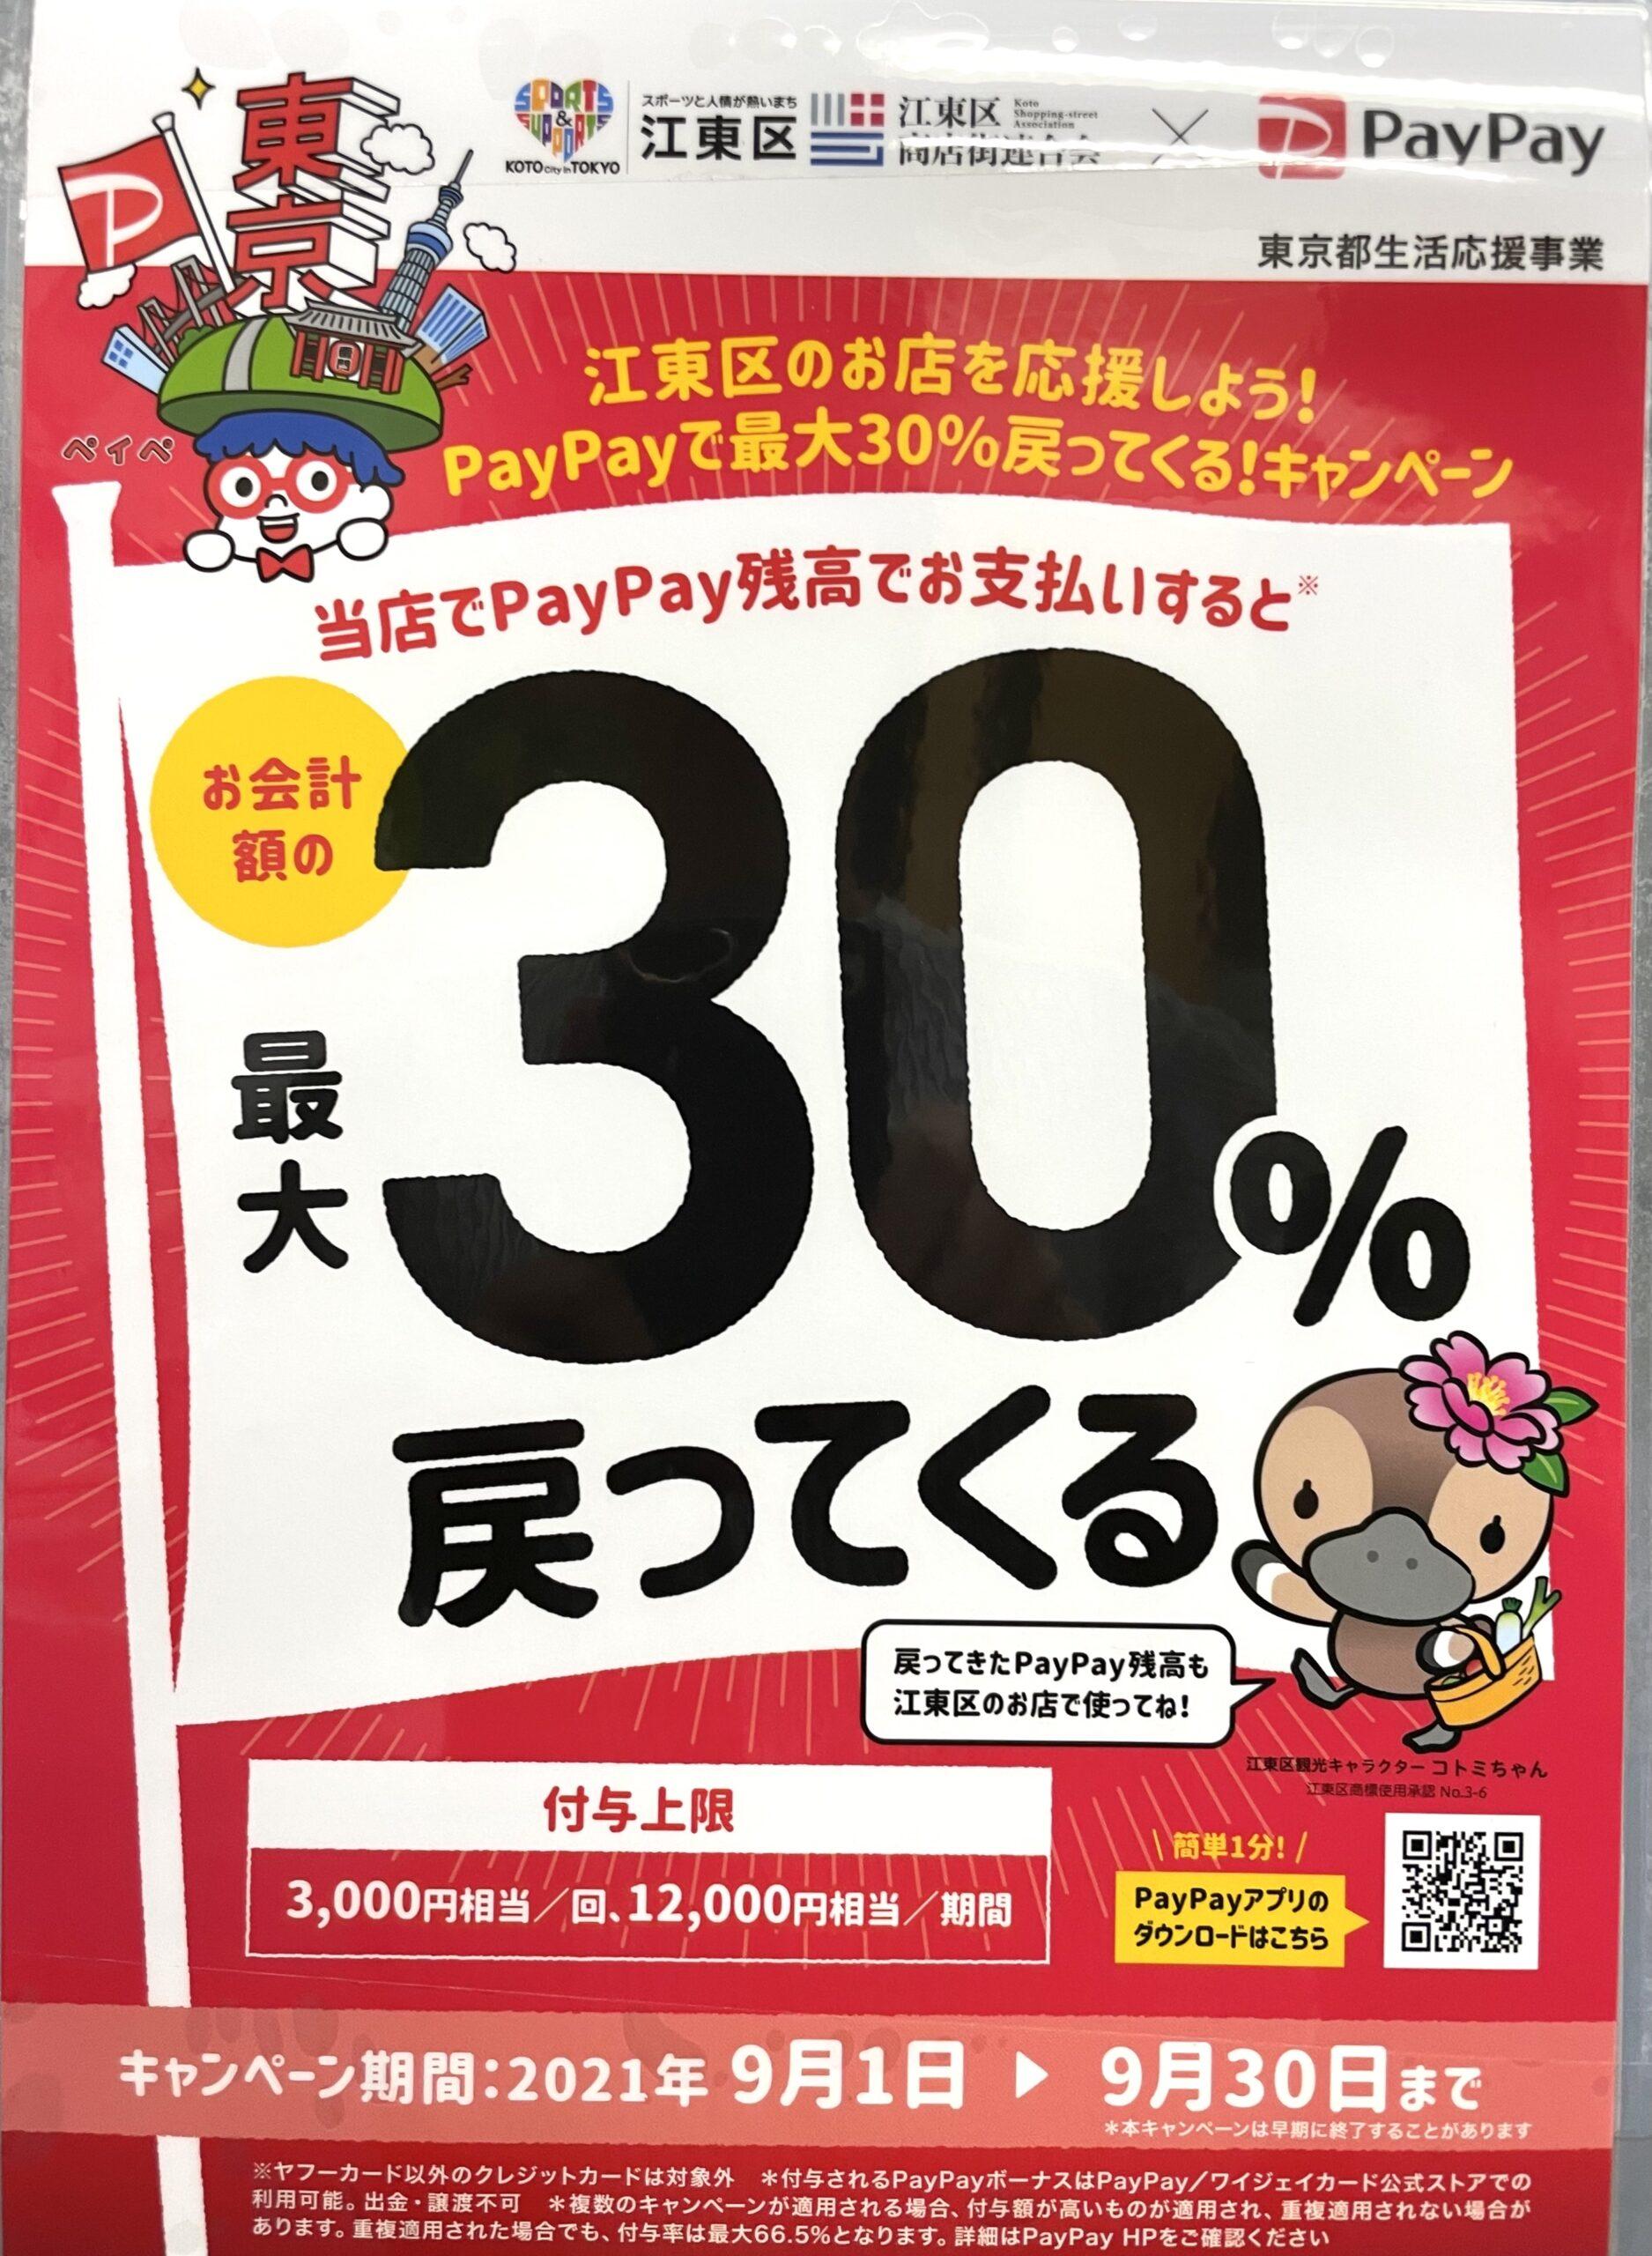 東京都生活応援事業!PayPayのお支払いで30%戻ってくる❗️